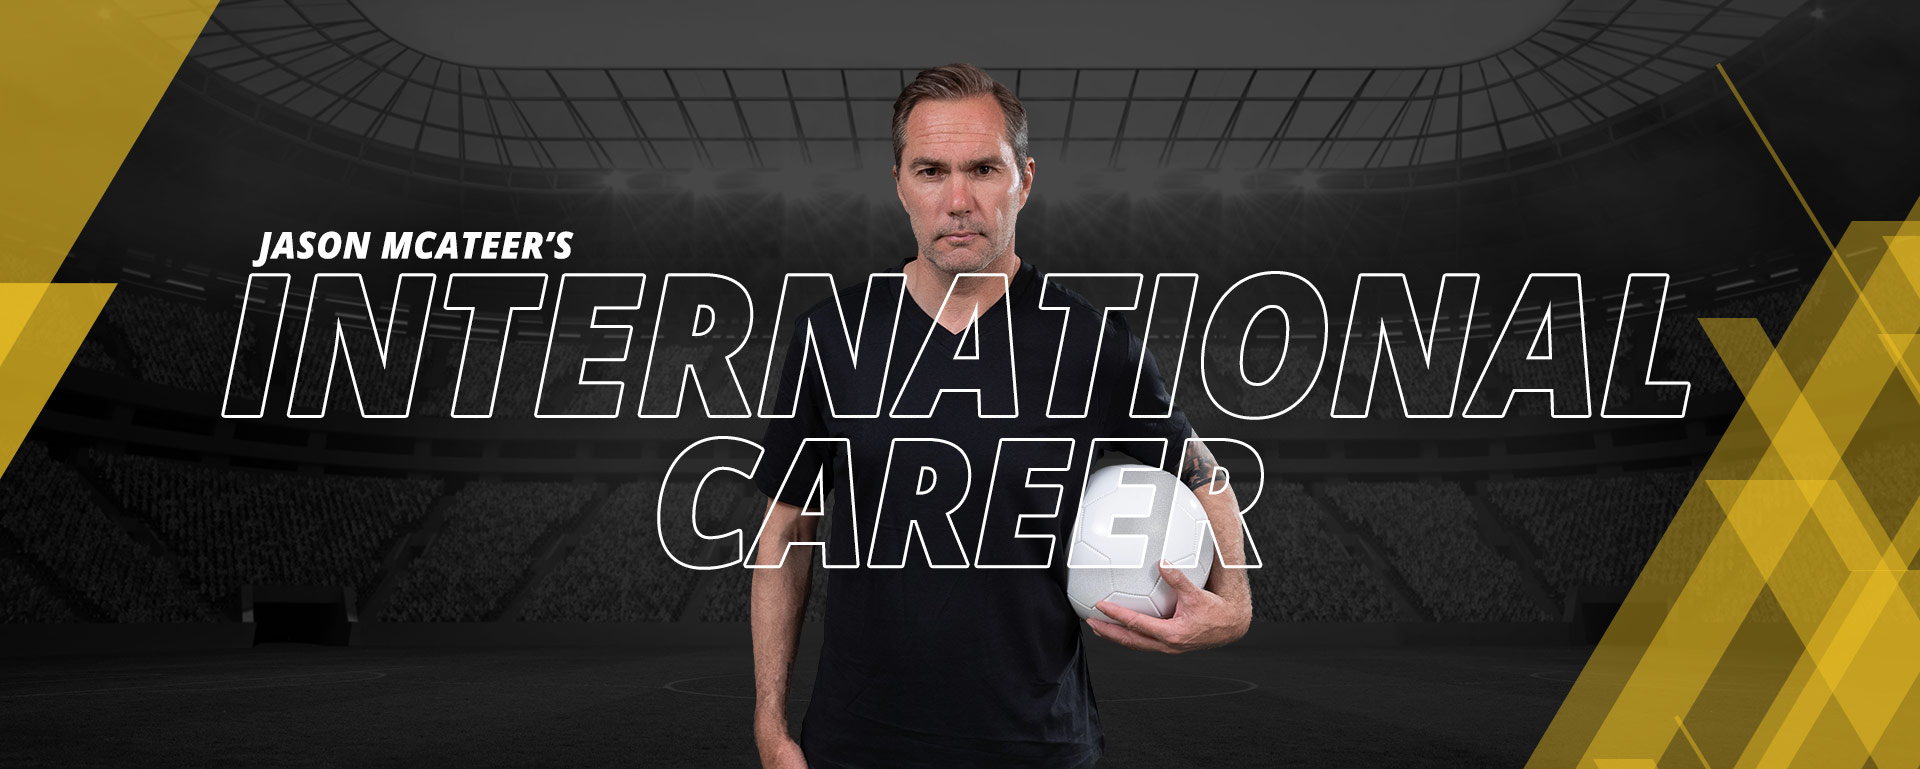 JASON MCATEER: INTERNATIONAL CAREER